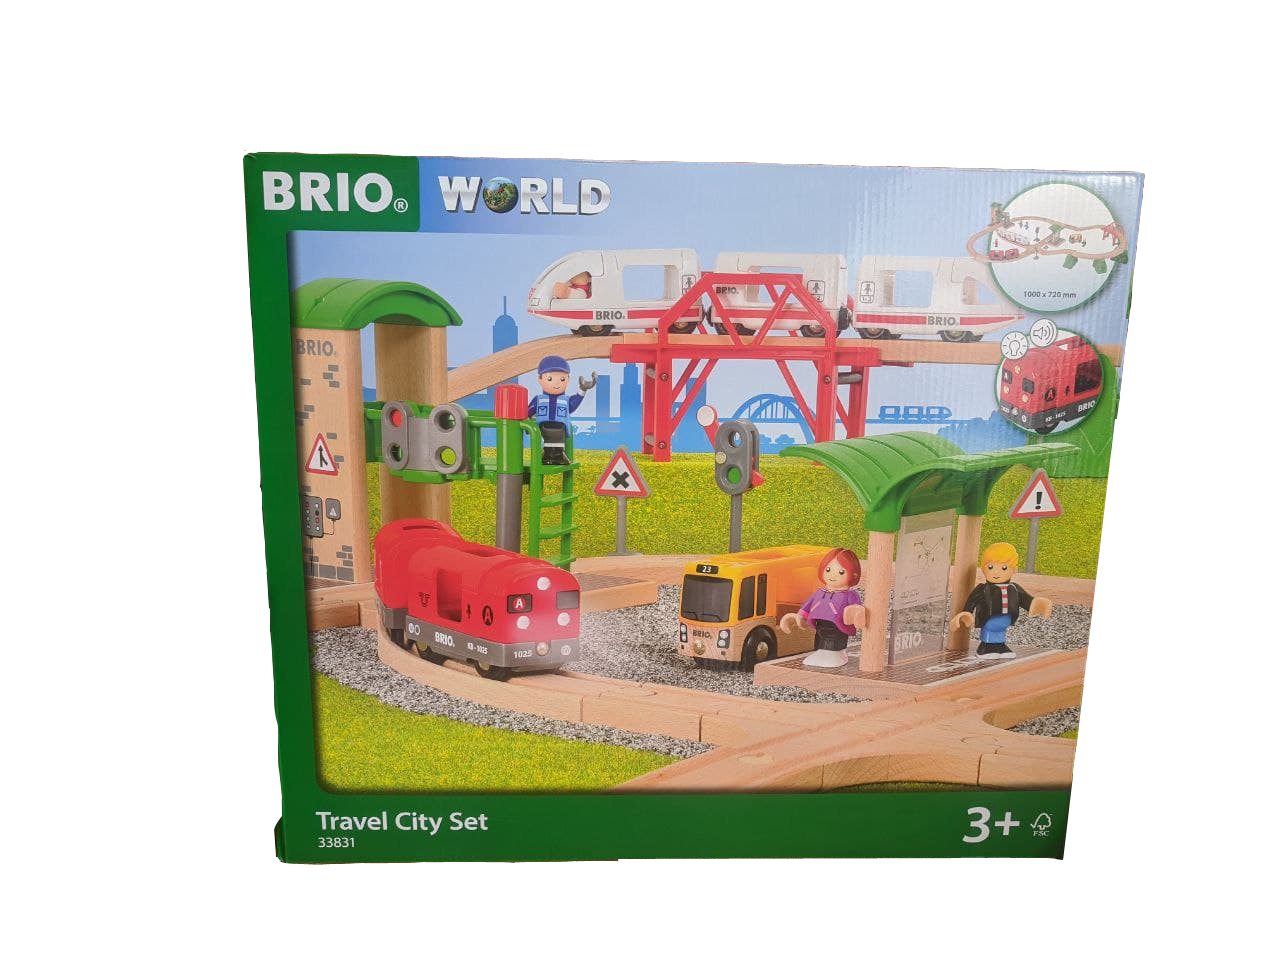 Brio Travel City Set 63383100 ✅ Holz Spielzeug Zug  Bus Schienen Haltestelle OVP